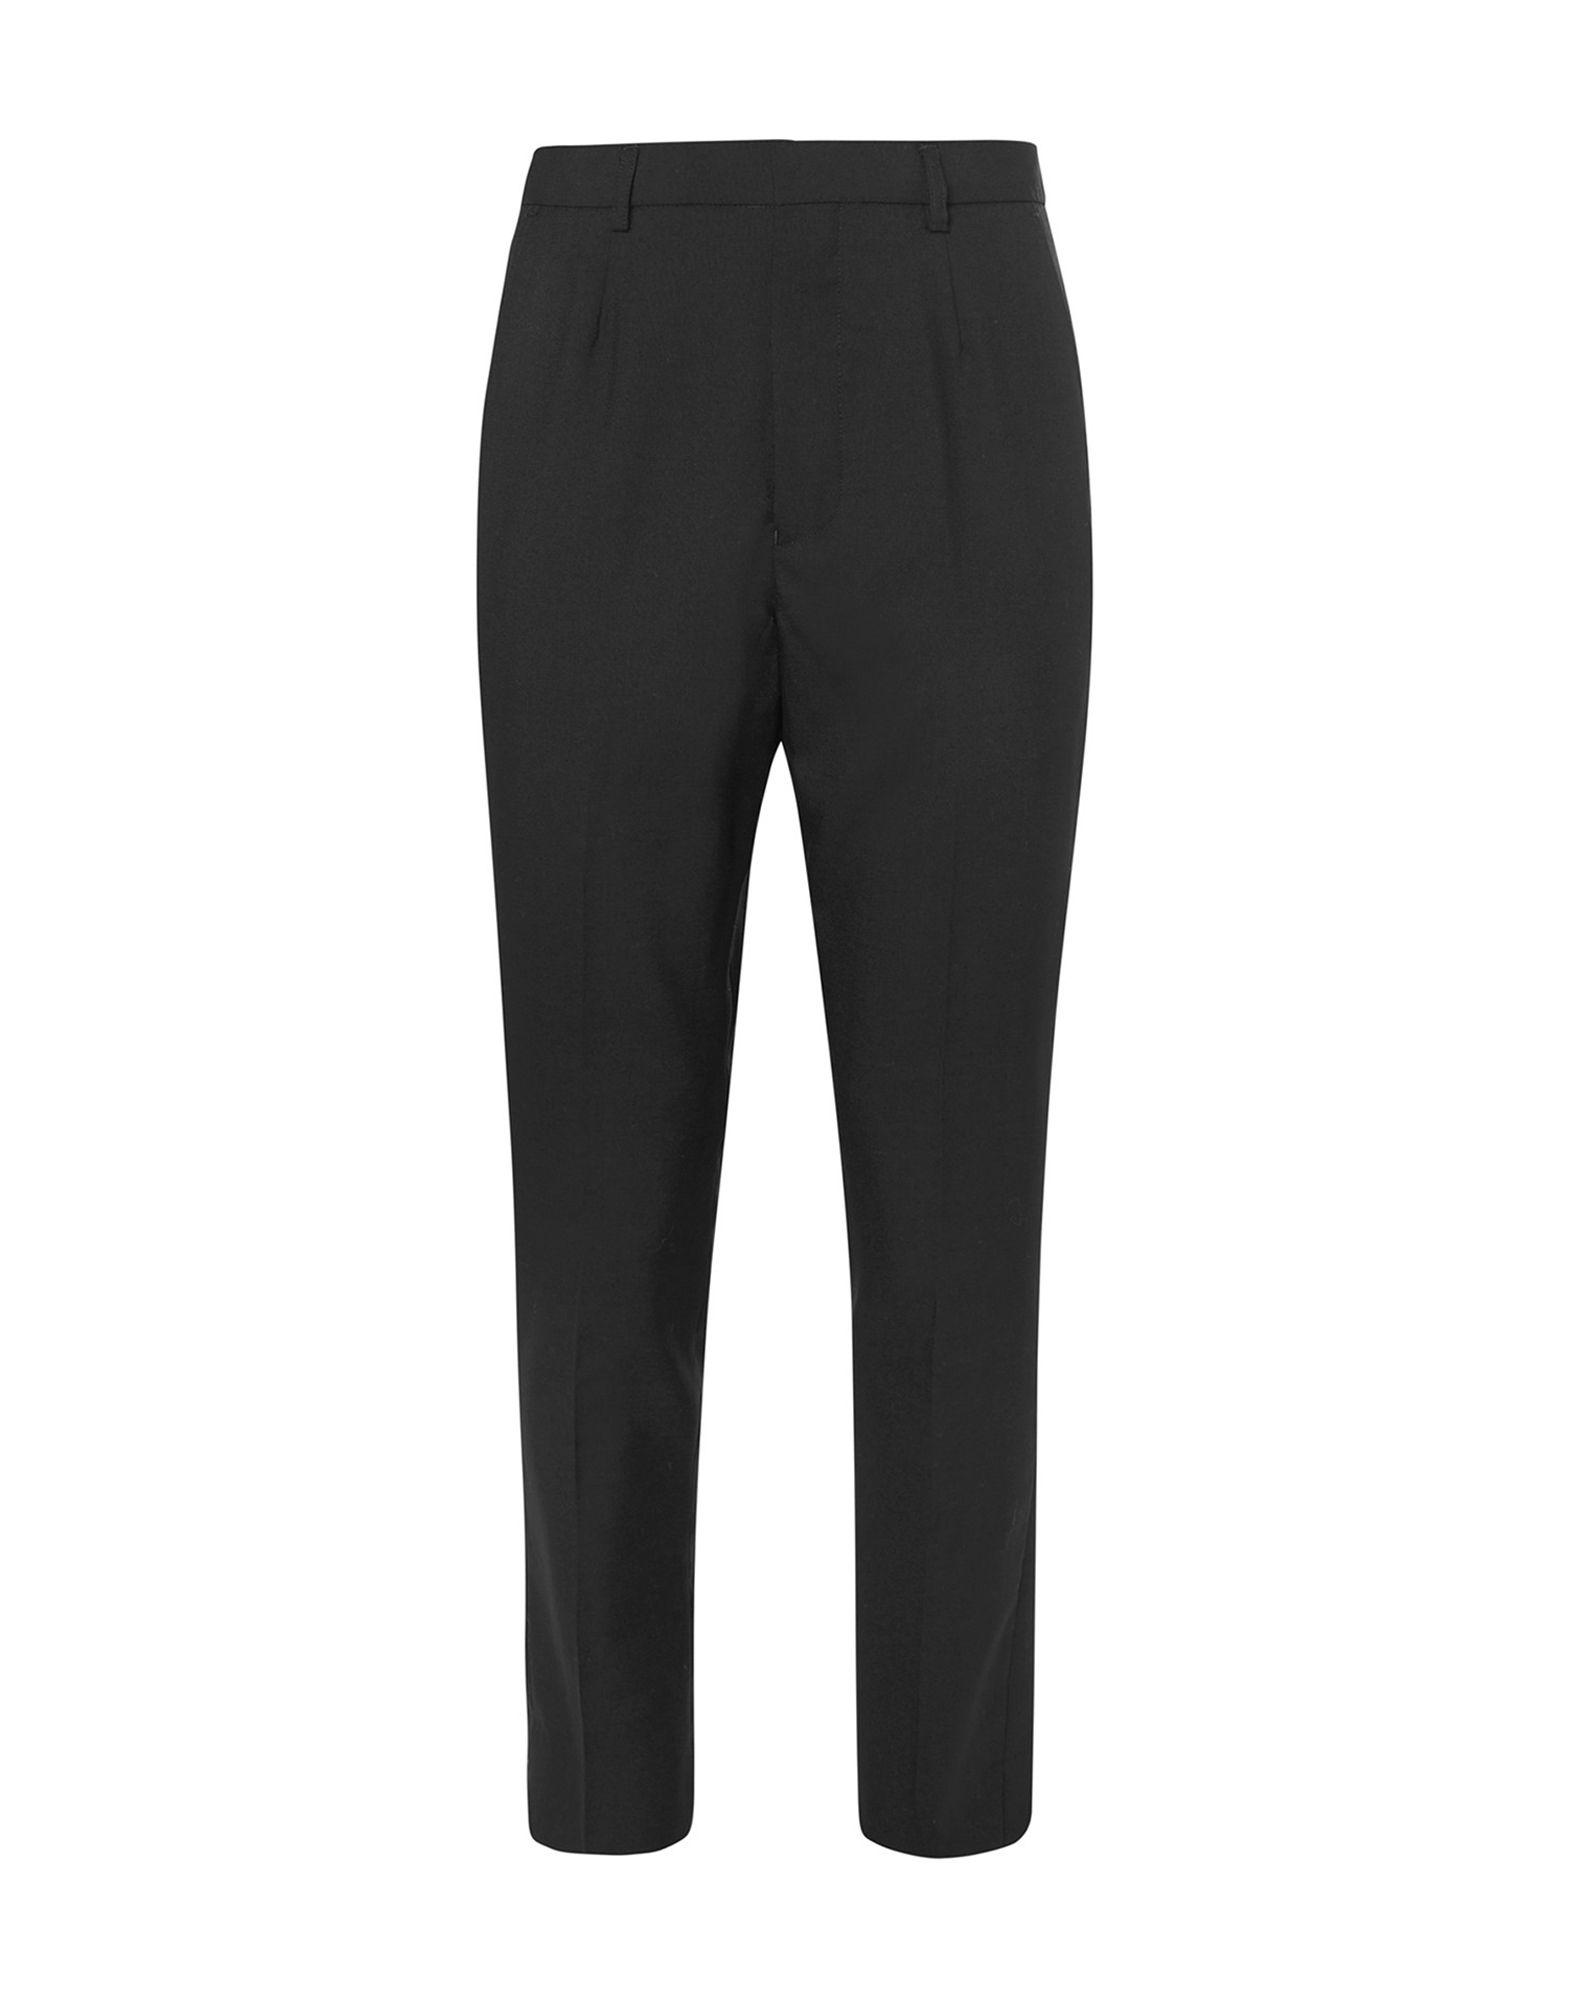 ENLIST Повседневные брюки мэн траск шведские кроны xk3024 случайных брюки мужских брюки корейских моды случайного хаки брюки нога 30